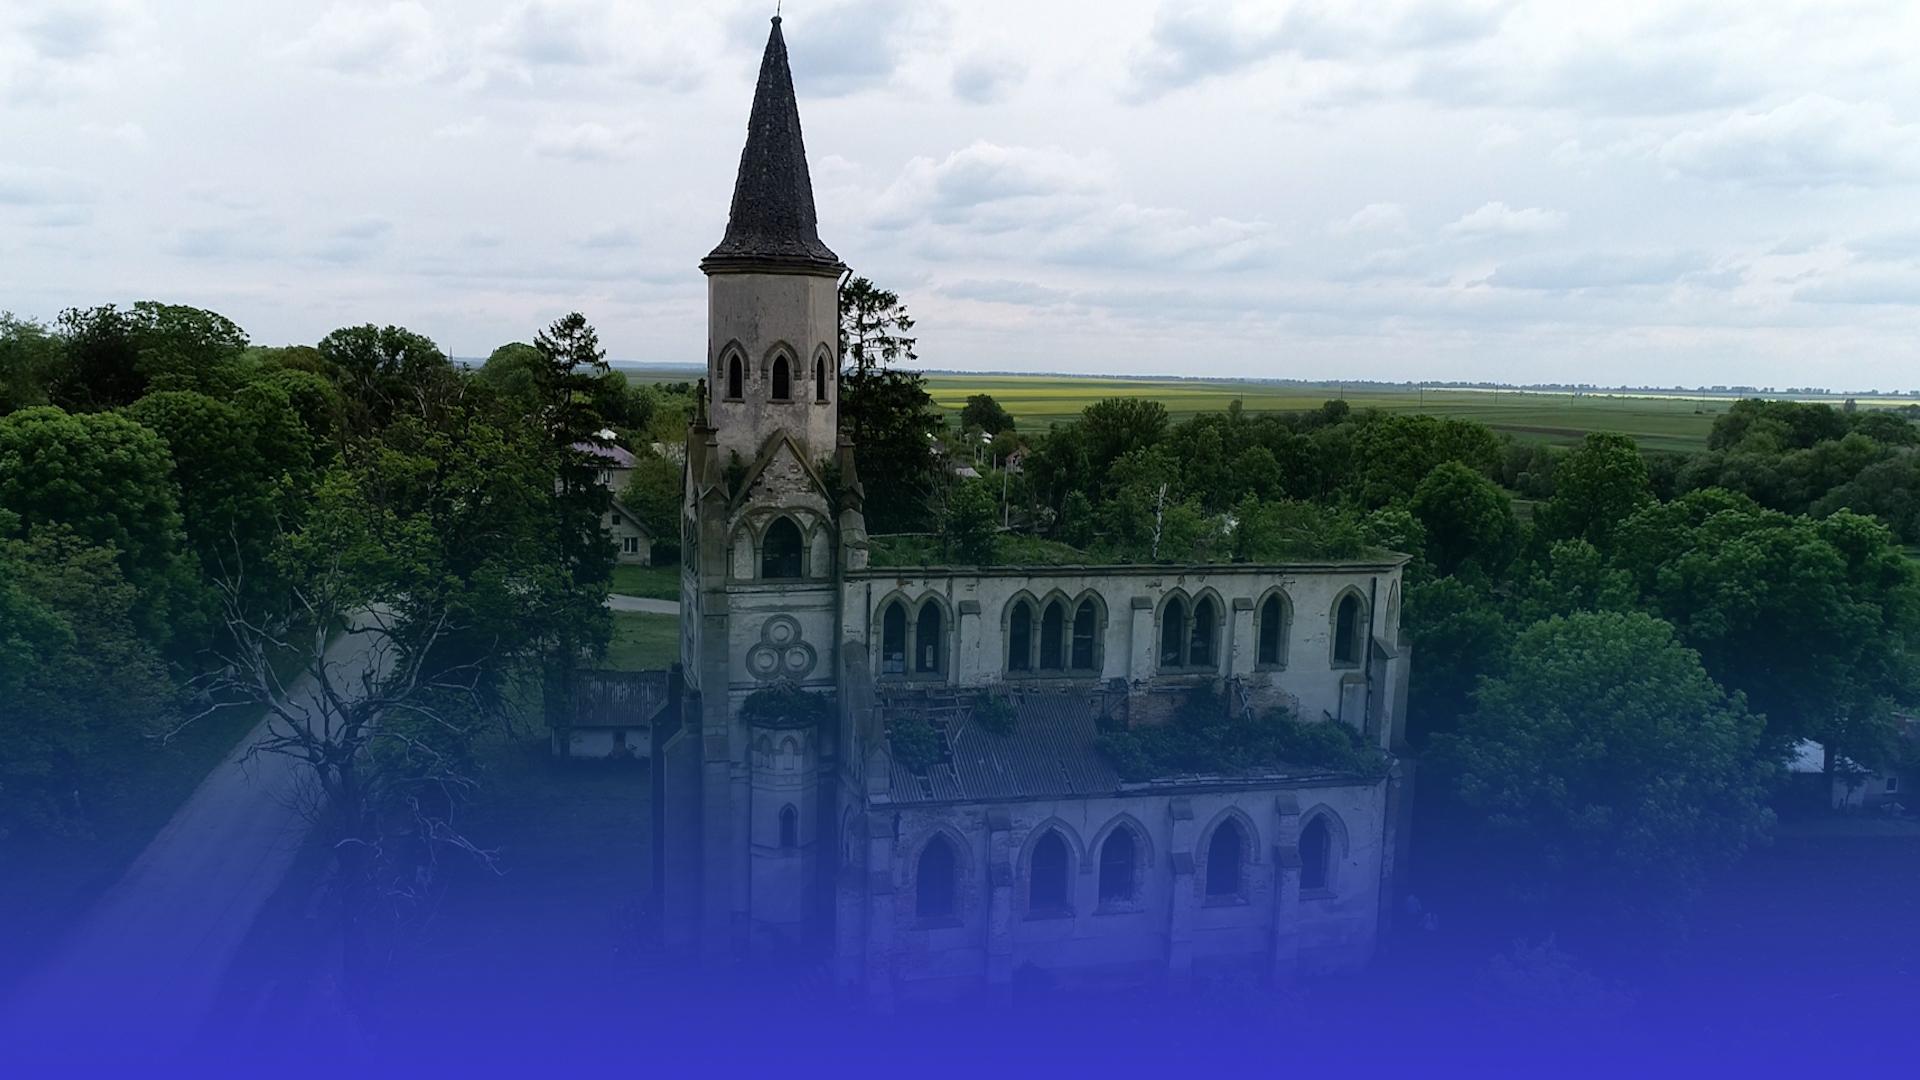 Унікальний костел у селі Сороцьке: місцеві шукають способи відновити пам'ятку